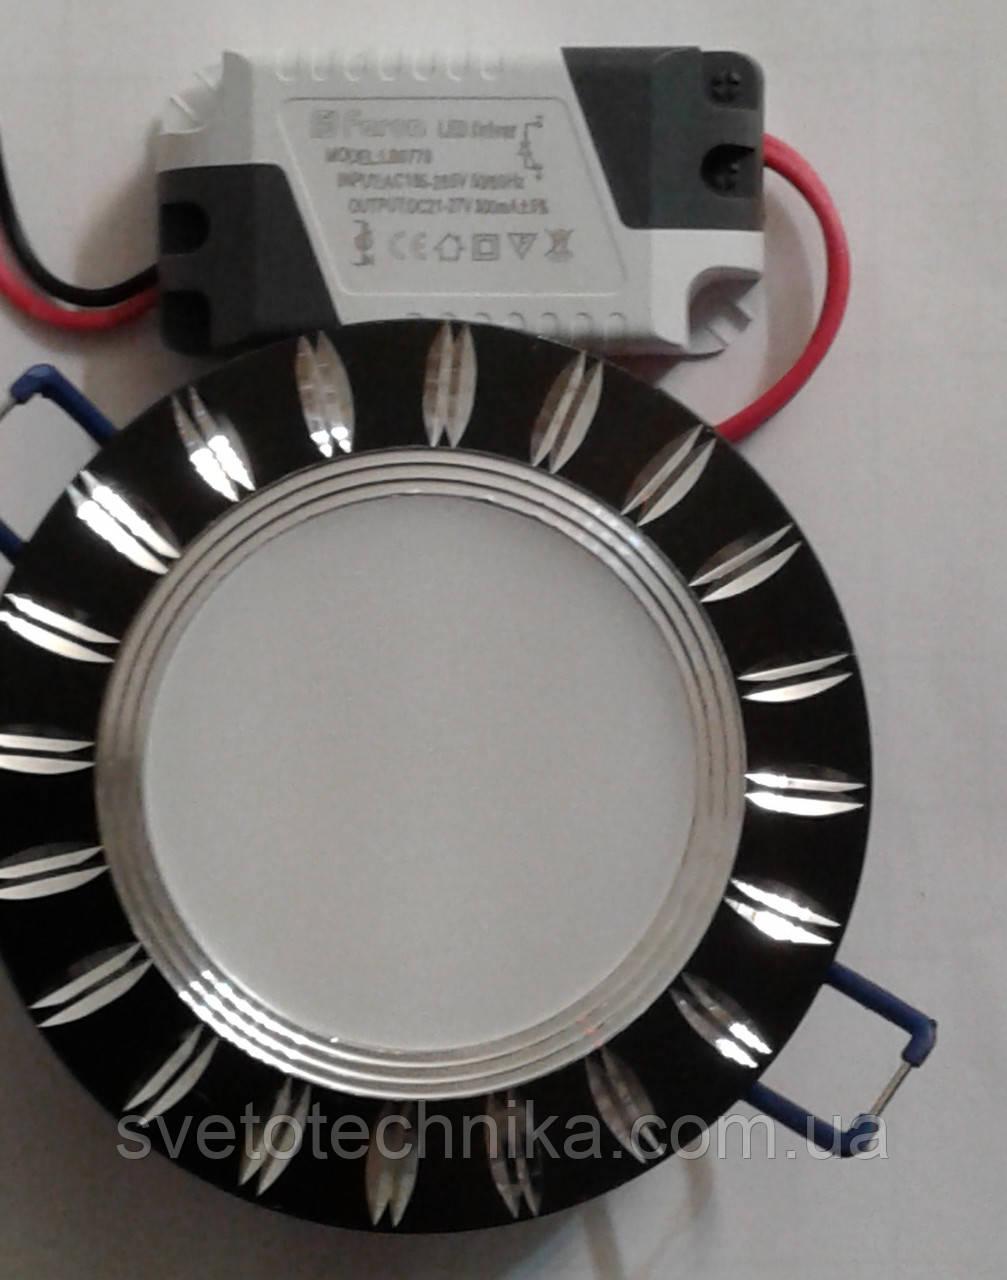 Светодиодный светильник Feron AL779 5W  (корпус -черный)